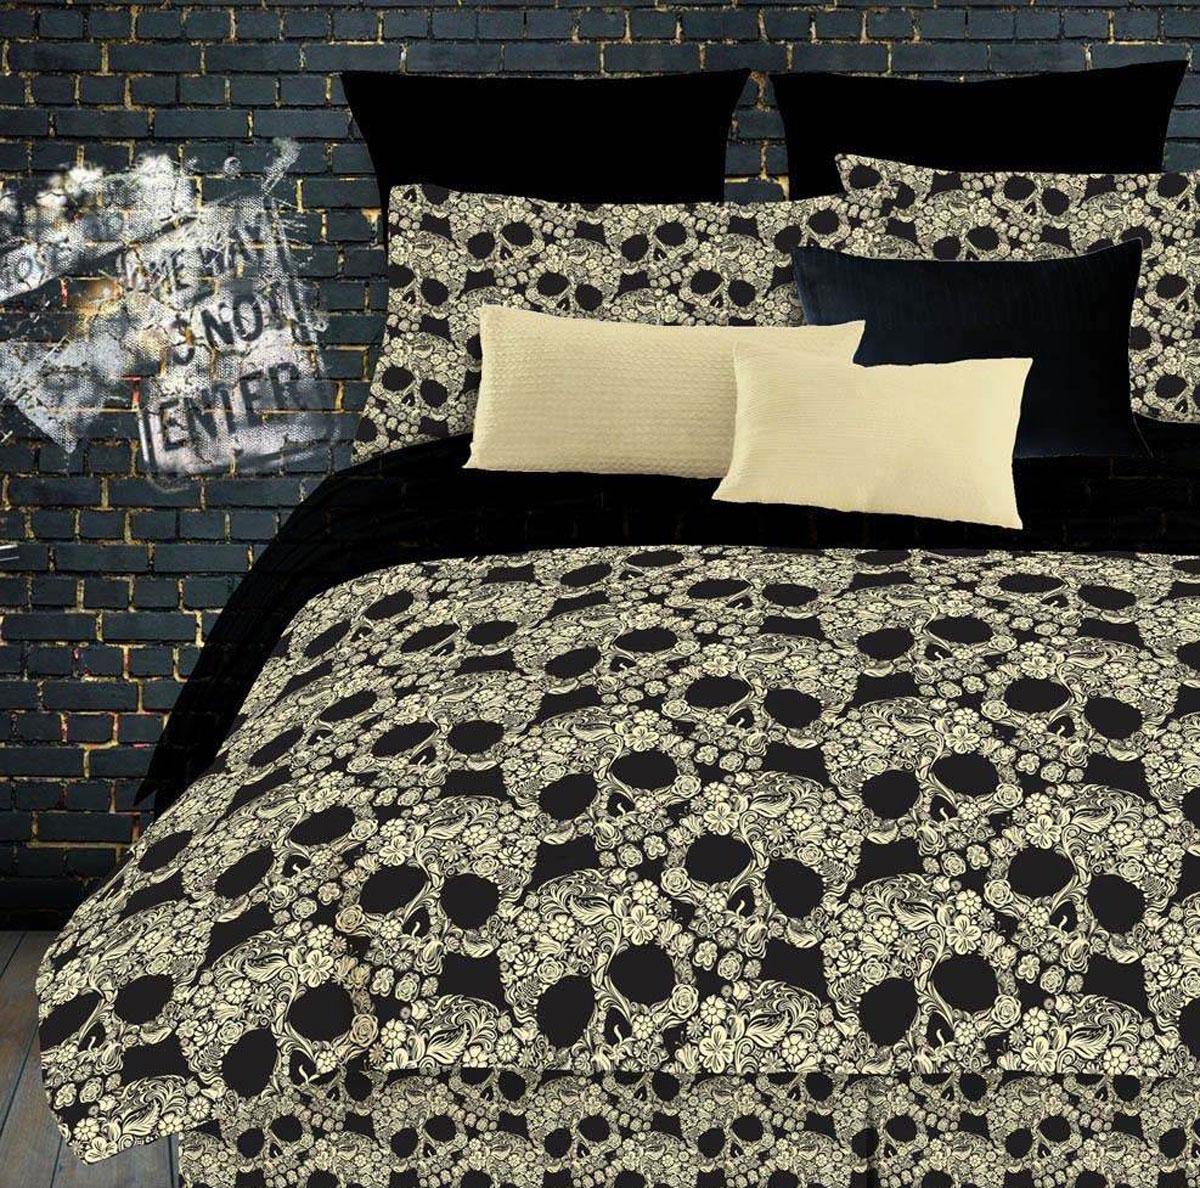 Flower Skull By Street Revival Veratex Beddingsuperstore Com